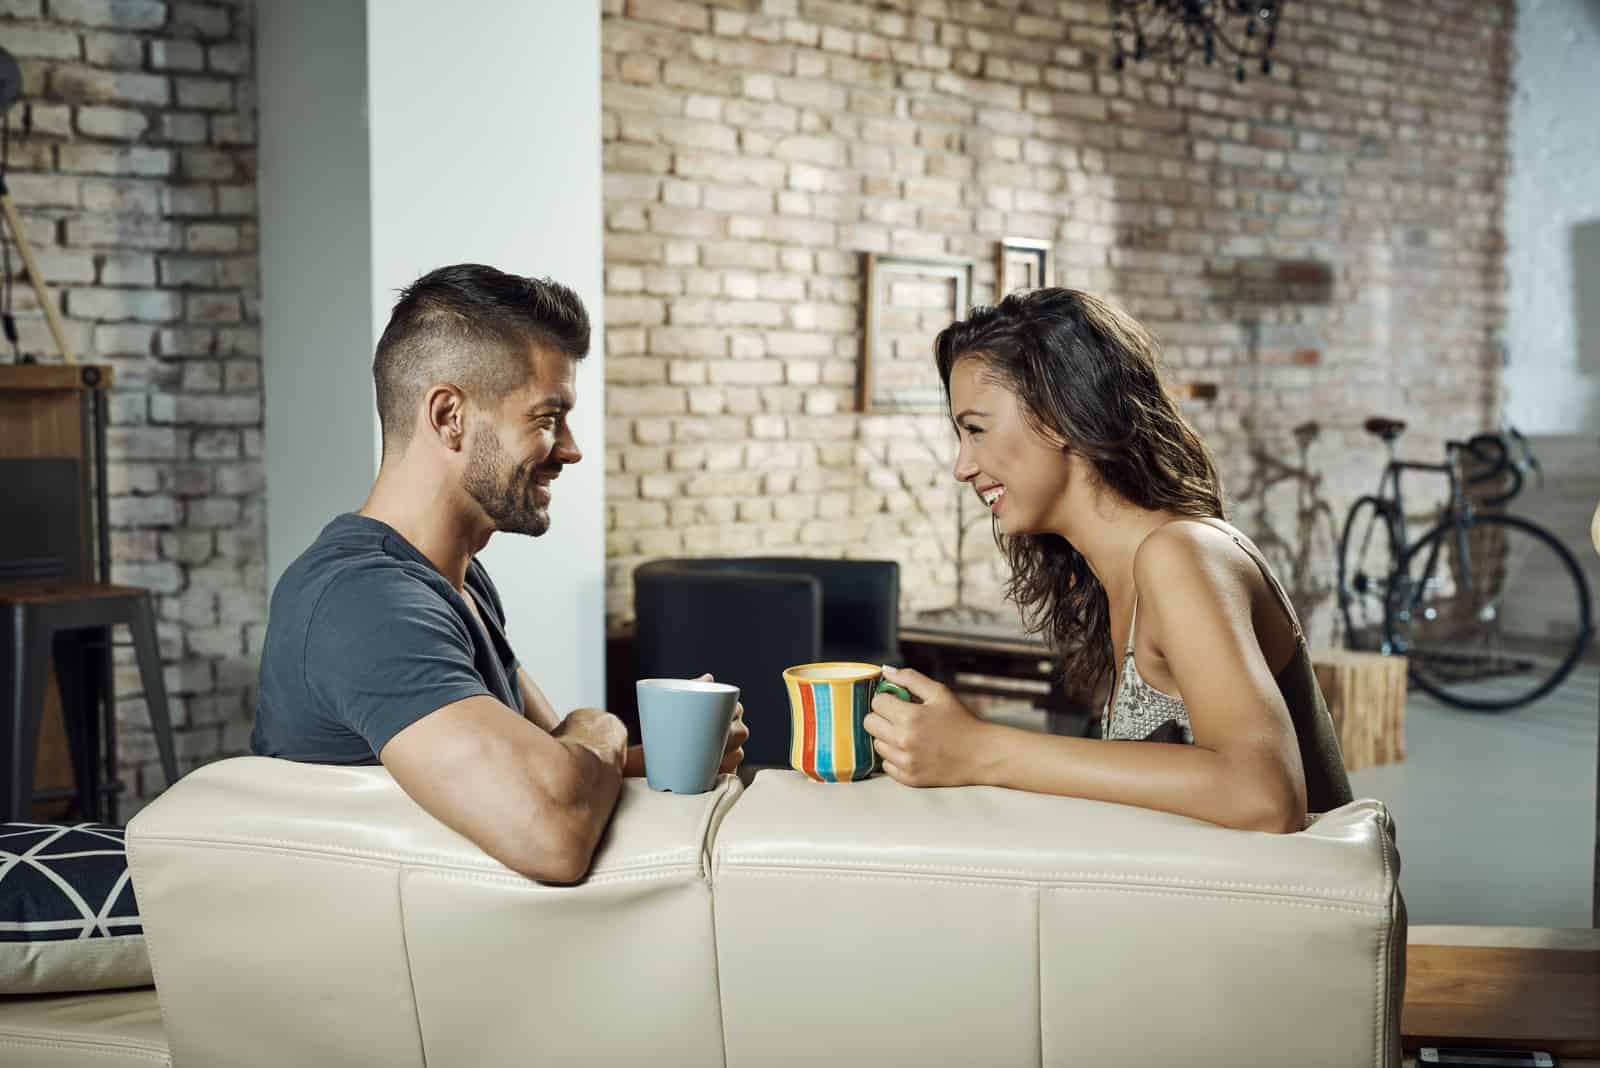 homme et femme buvant du café assis sur un canapé